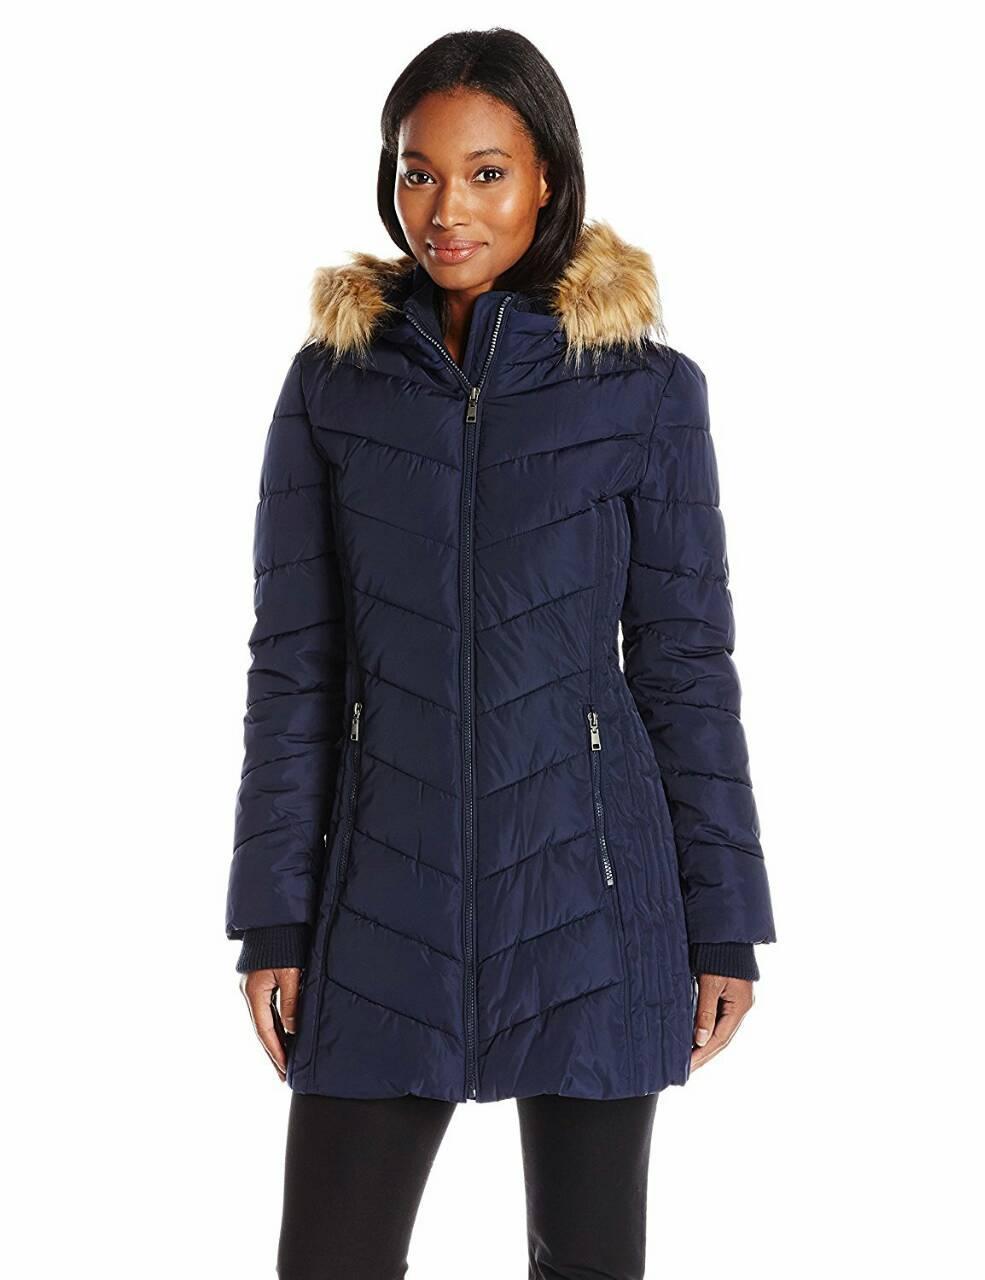 4777b2ddd29 Женская Зимняя Куртка Тommy Hilfiger с Капюшоном в Размере S ...